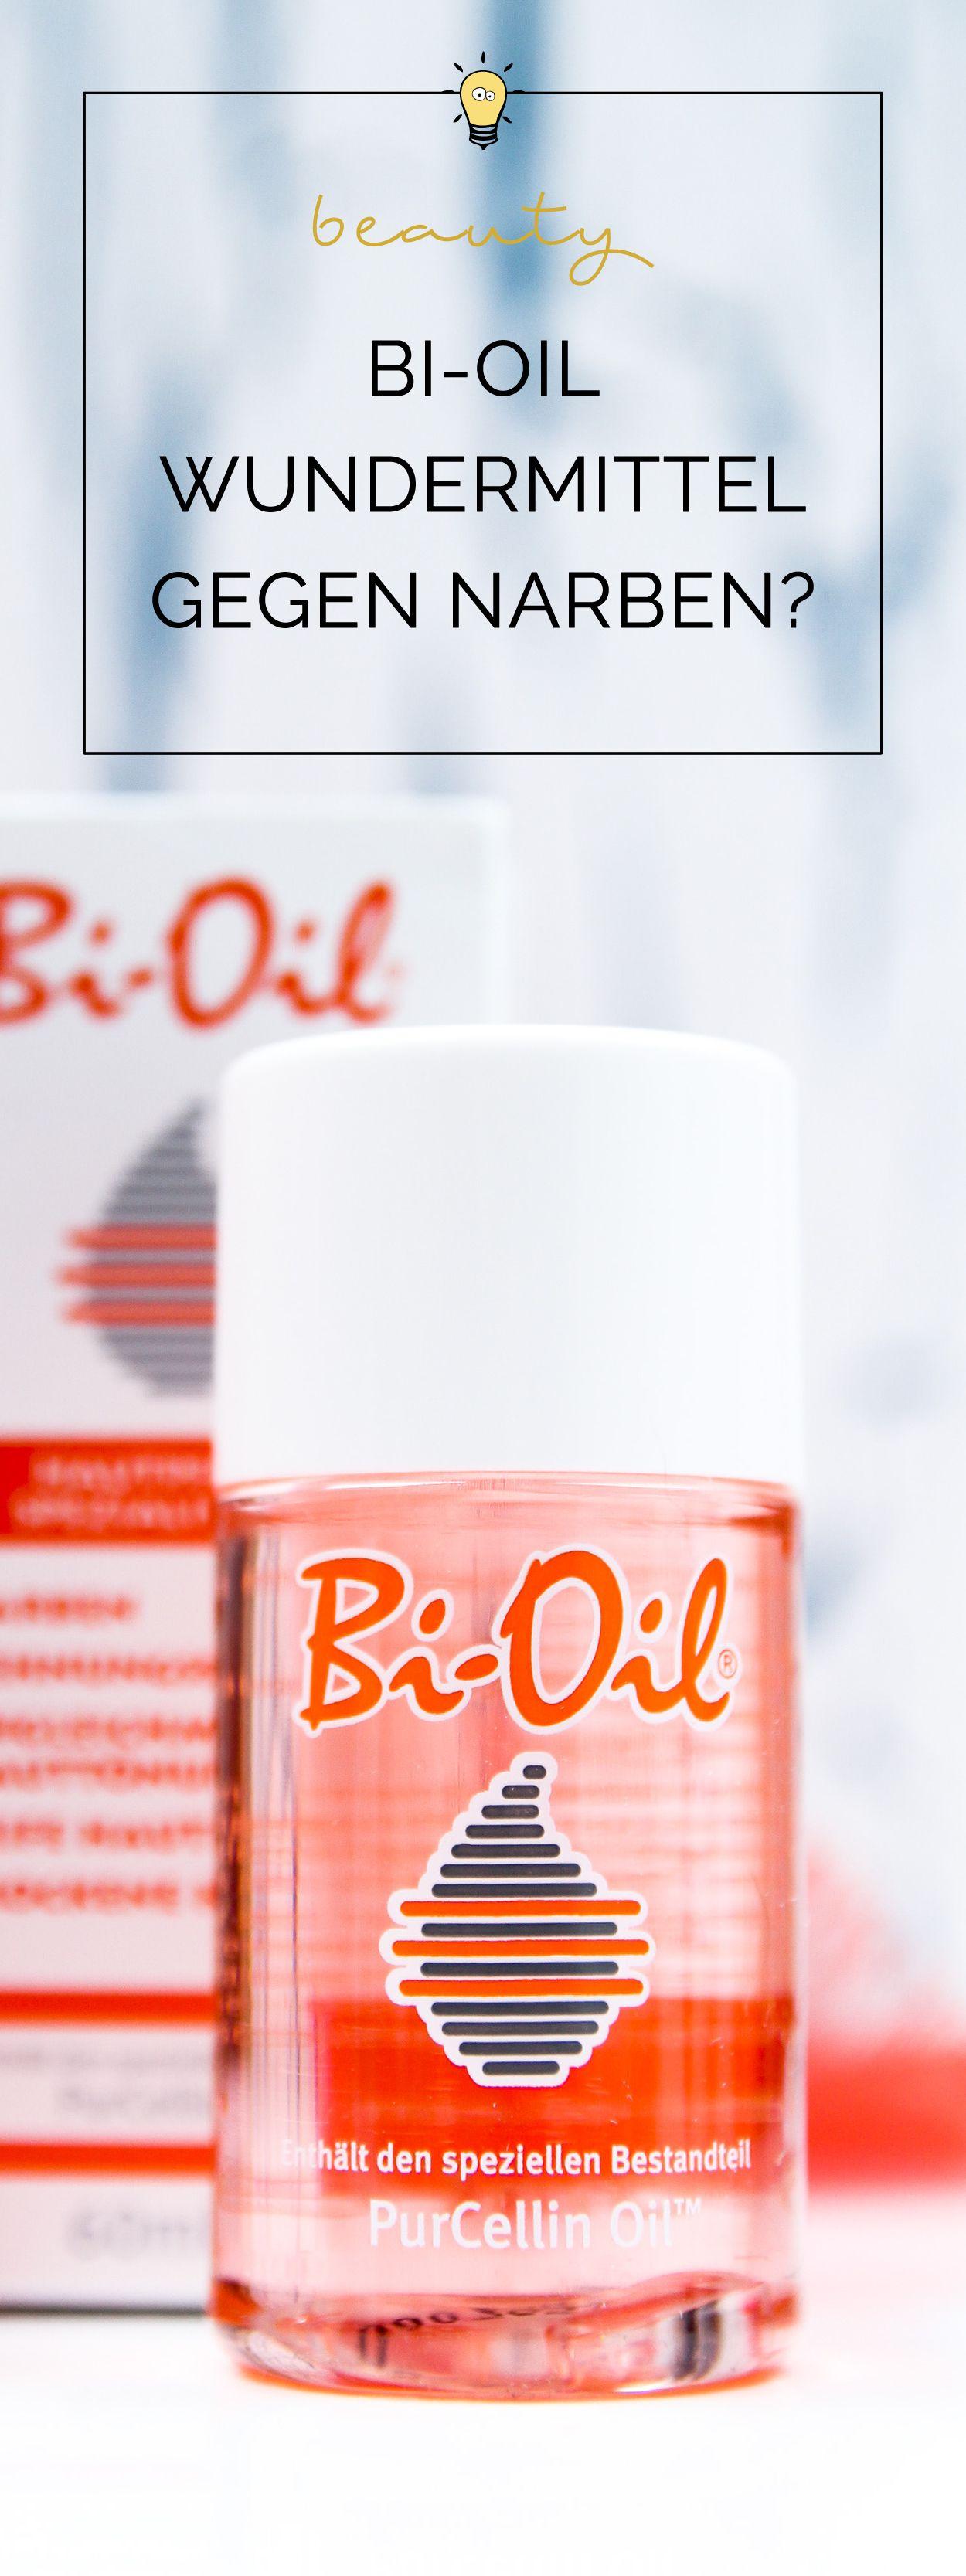 Bi Oil Narben